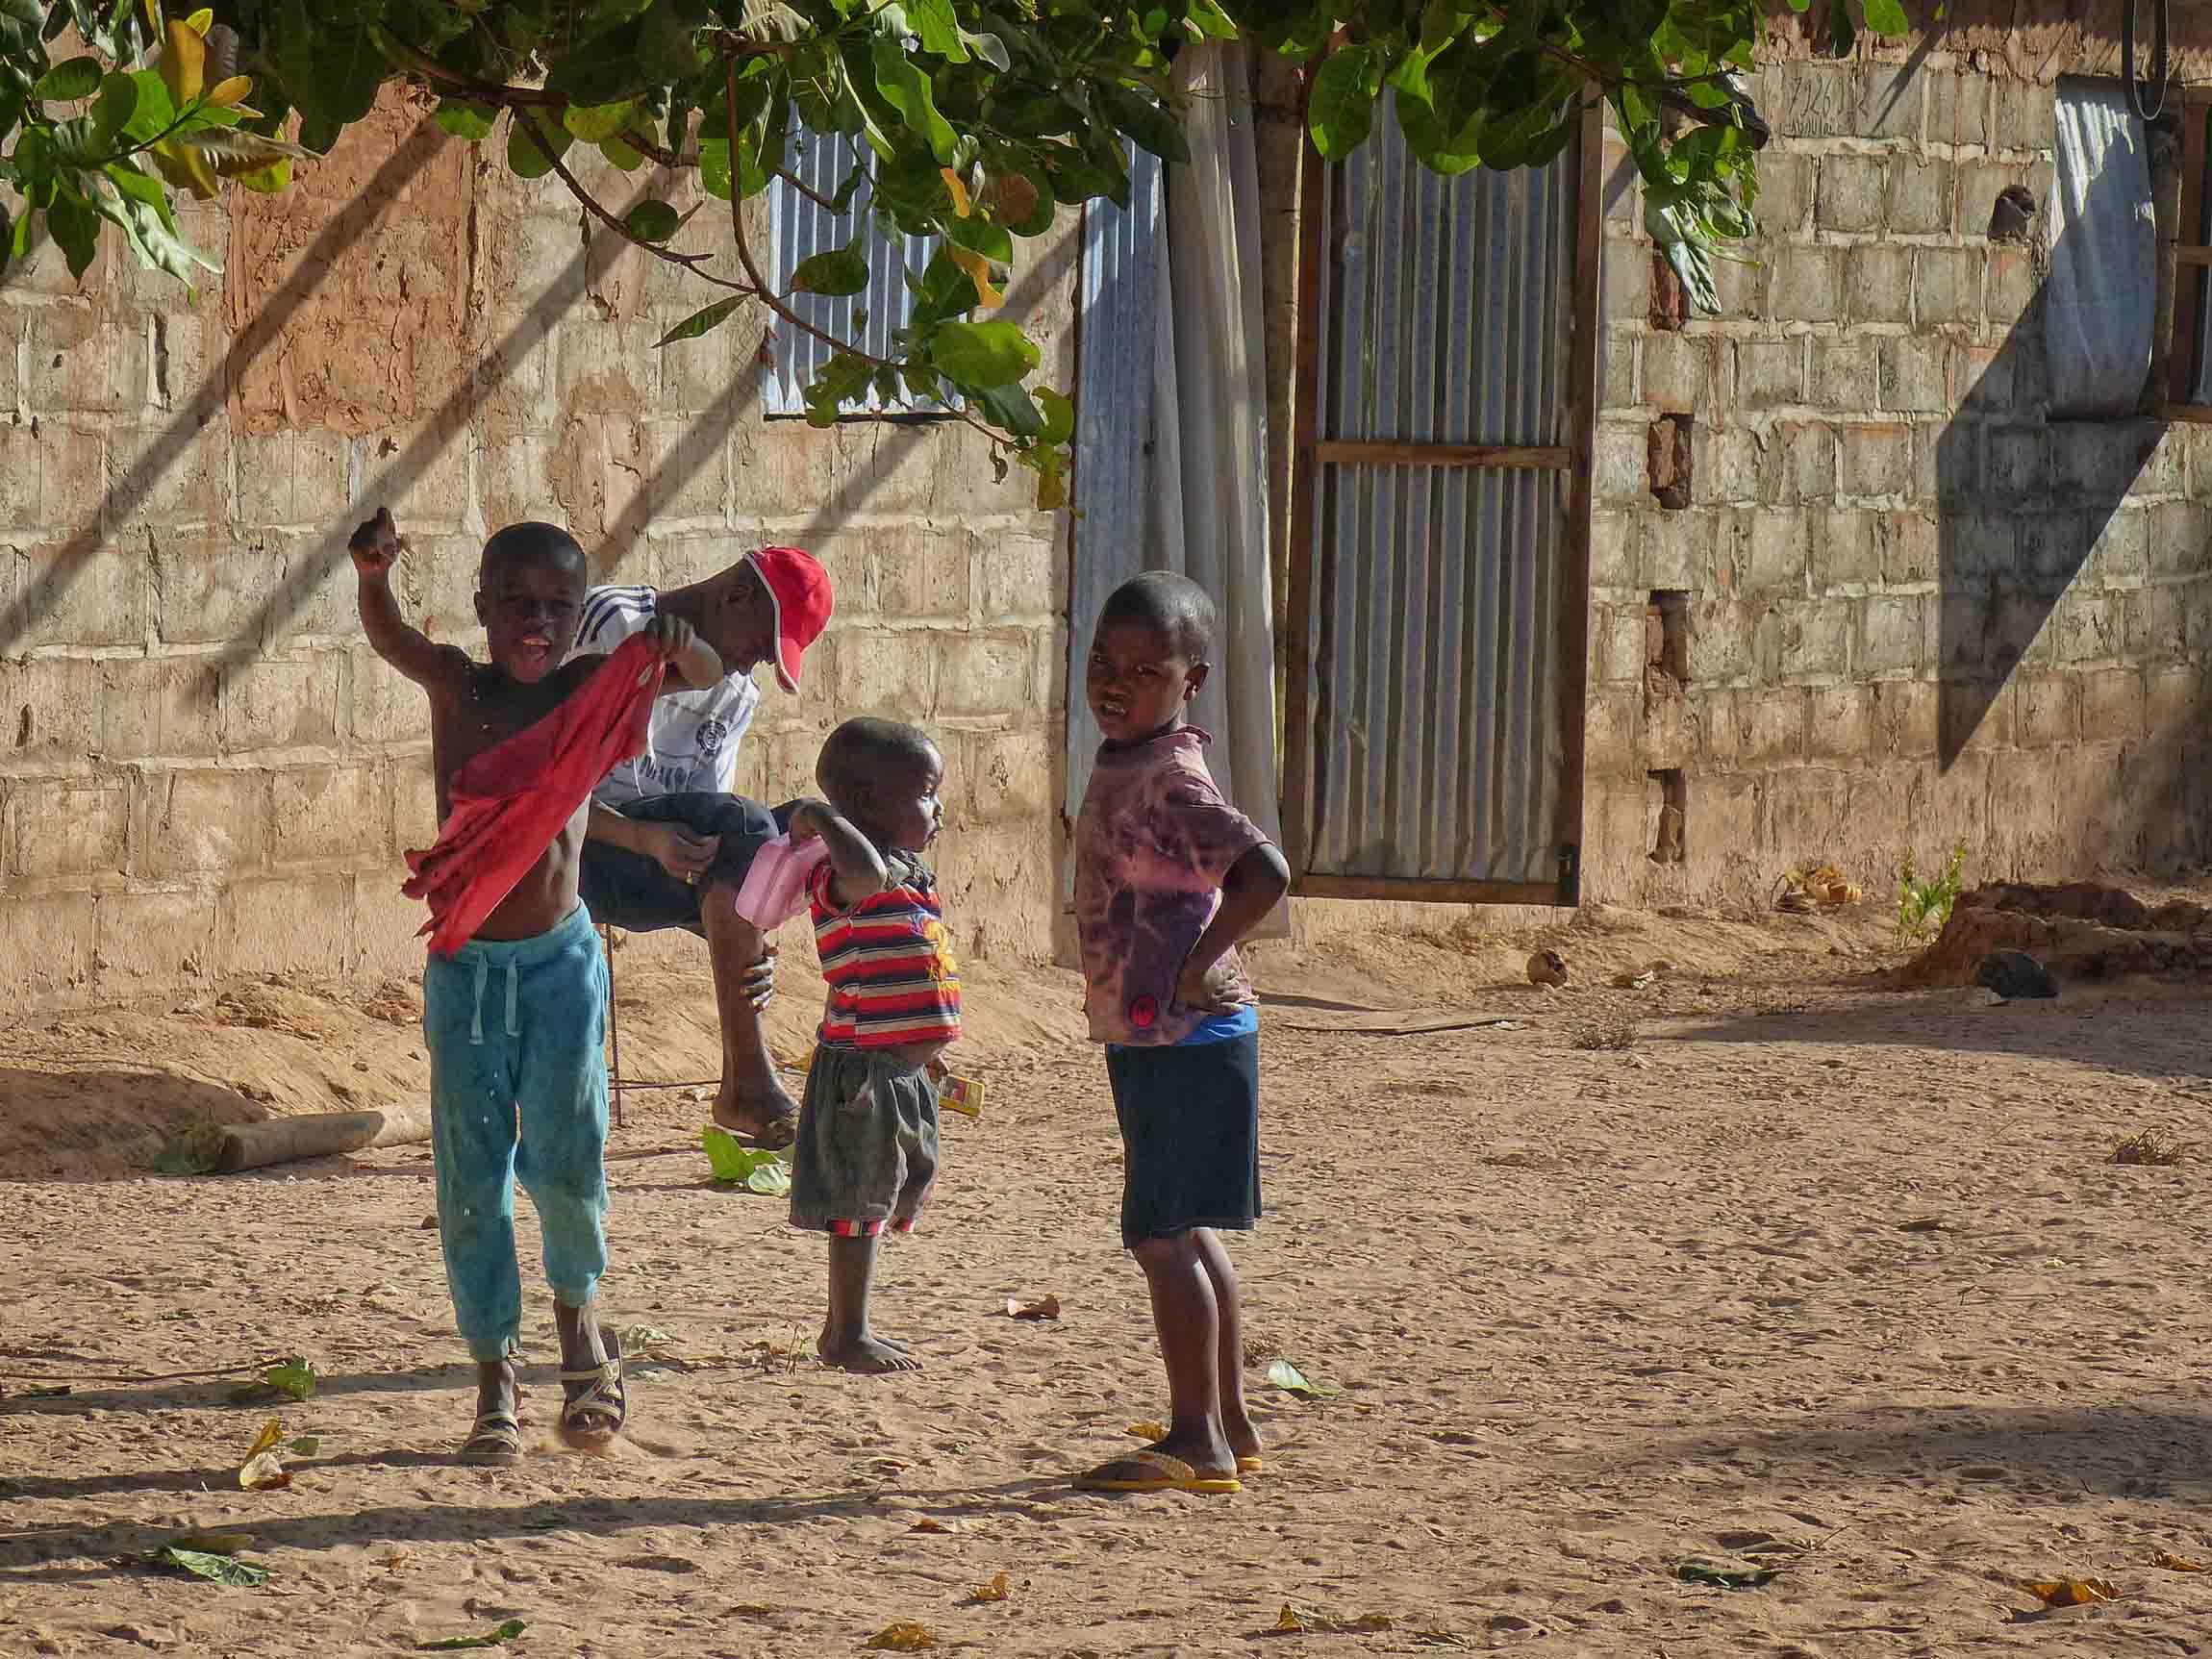 Children in an African village street